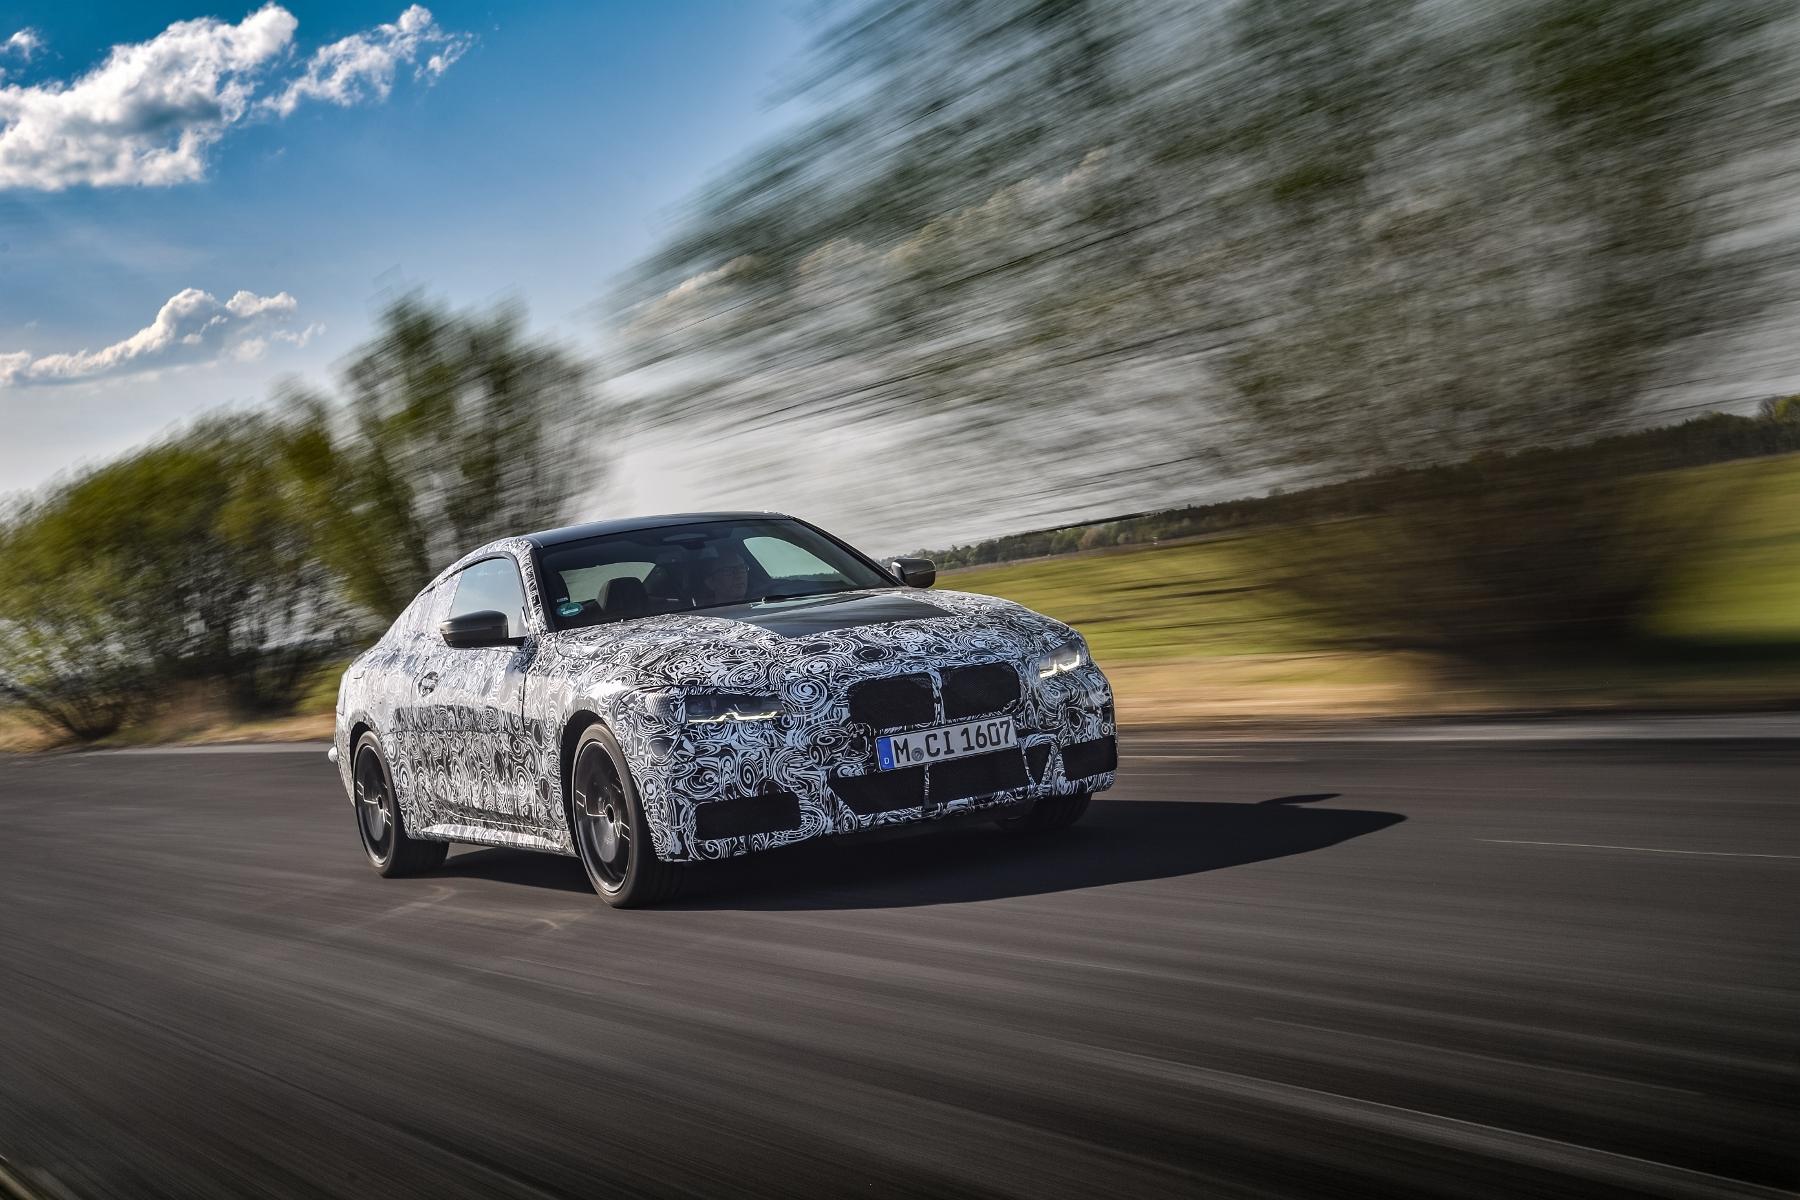 Nové BMW radu 4 Coupé dostane športovejší podvozok skHfDE4pev bmw-4-coupe-4